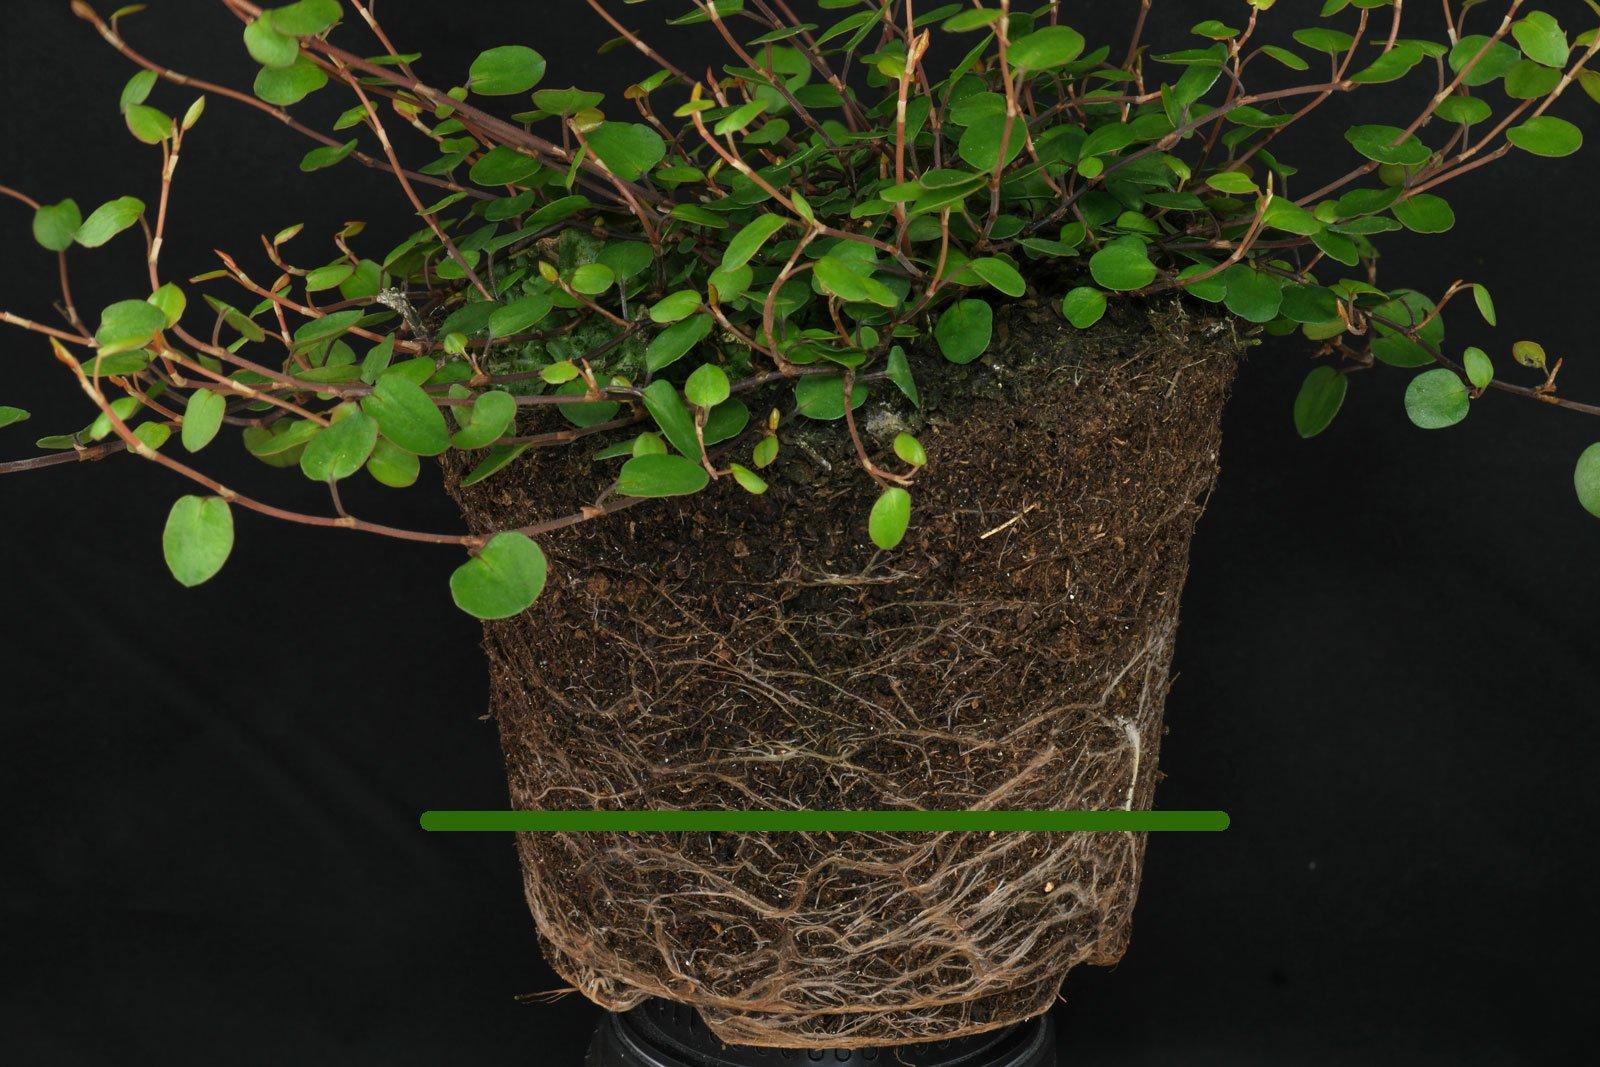 Muehlenbeckia complexa gießen